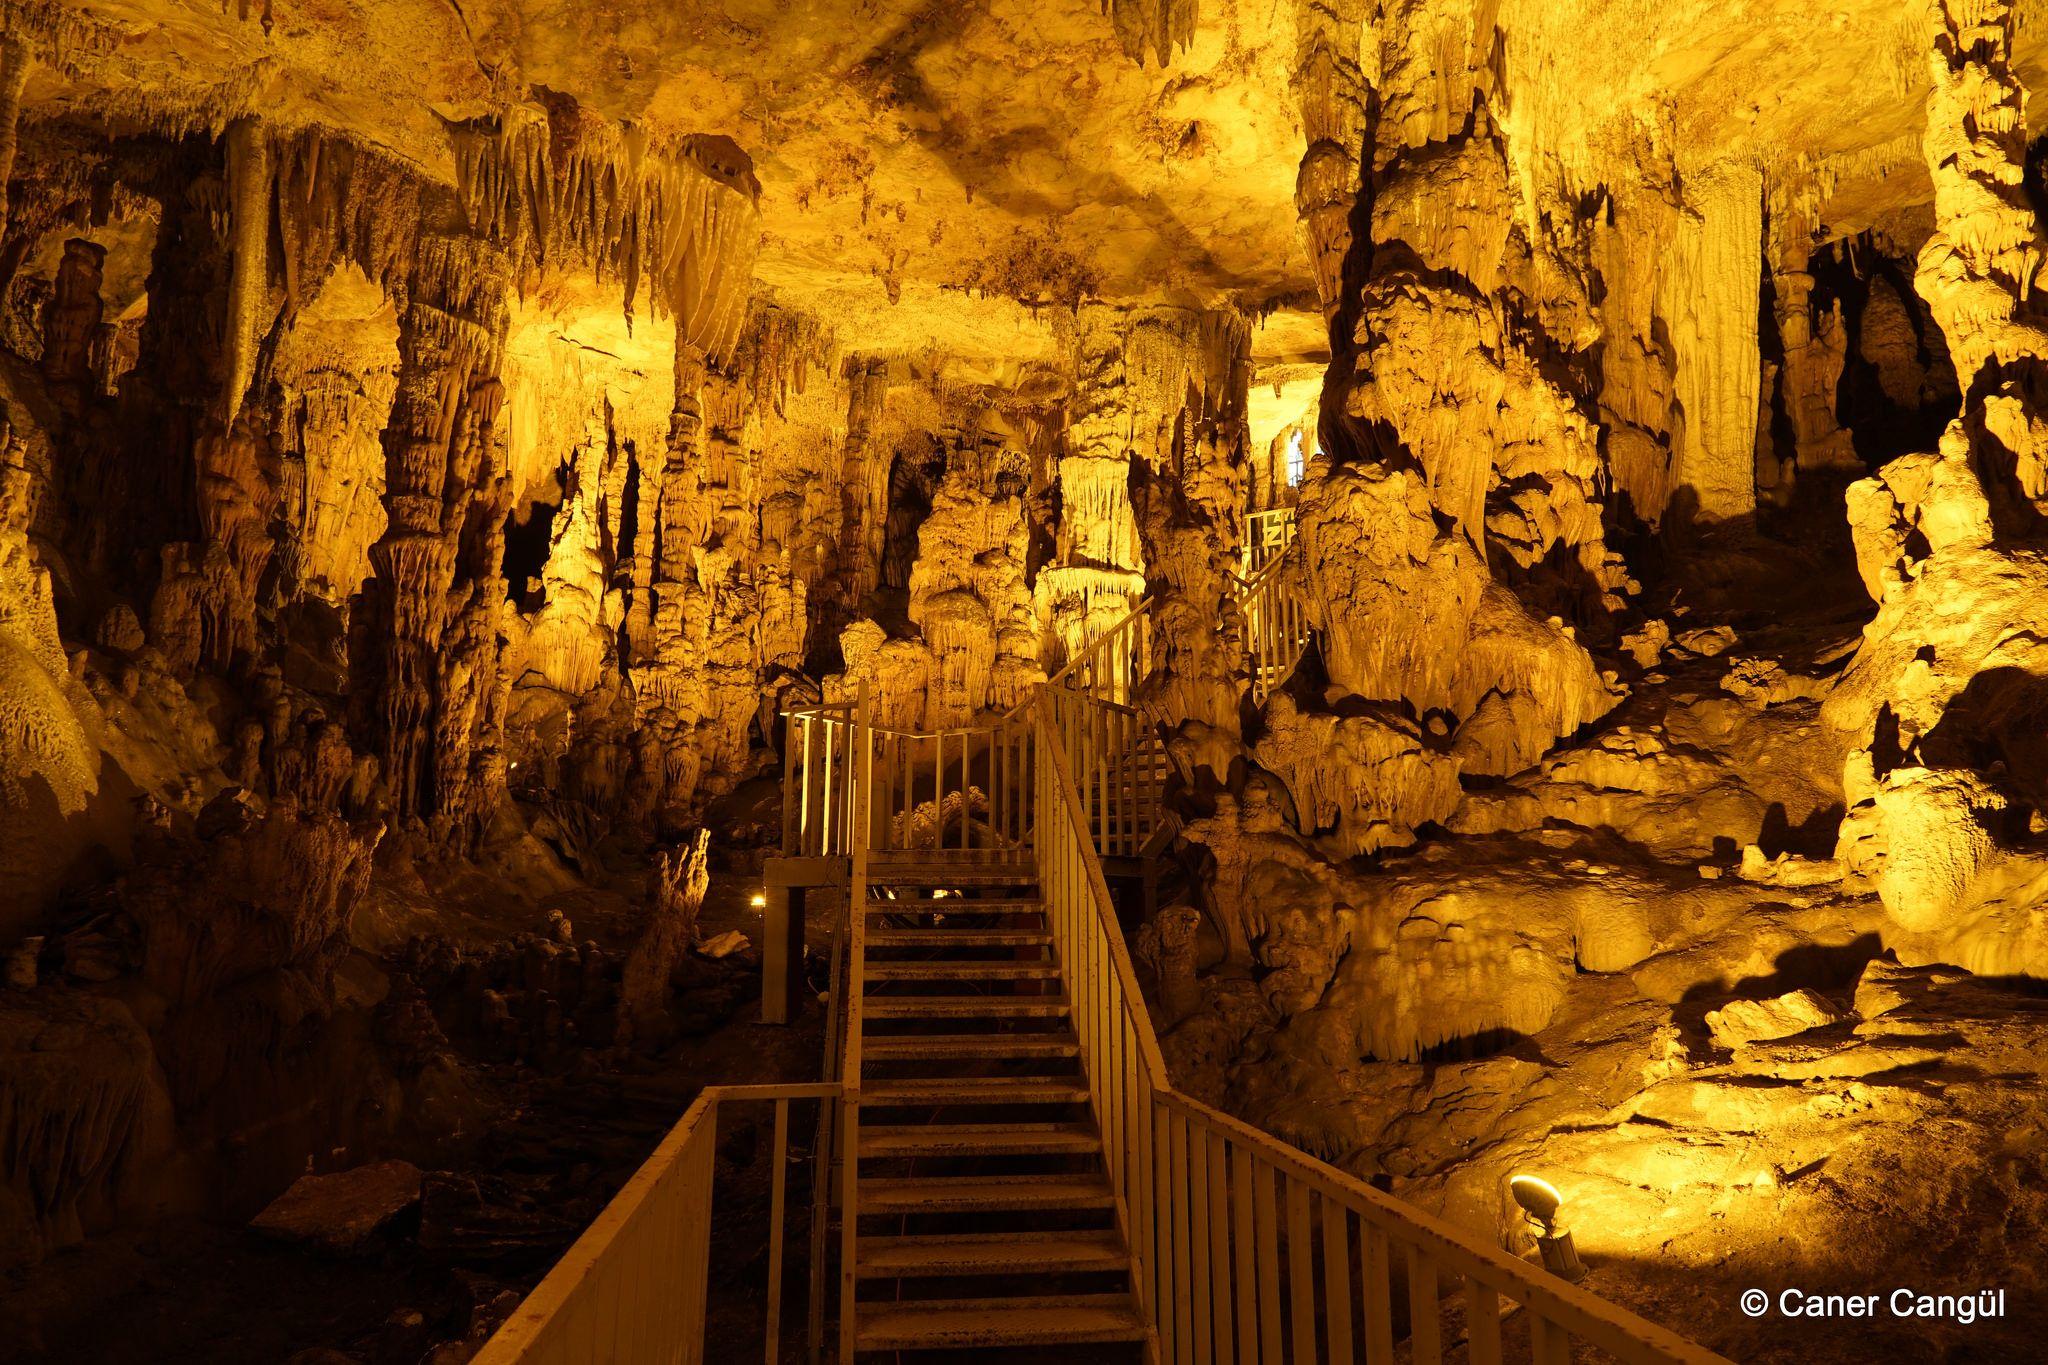 Gilindire / Aynalıgöl Mağarası